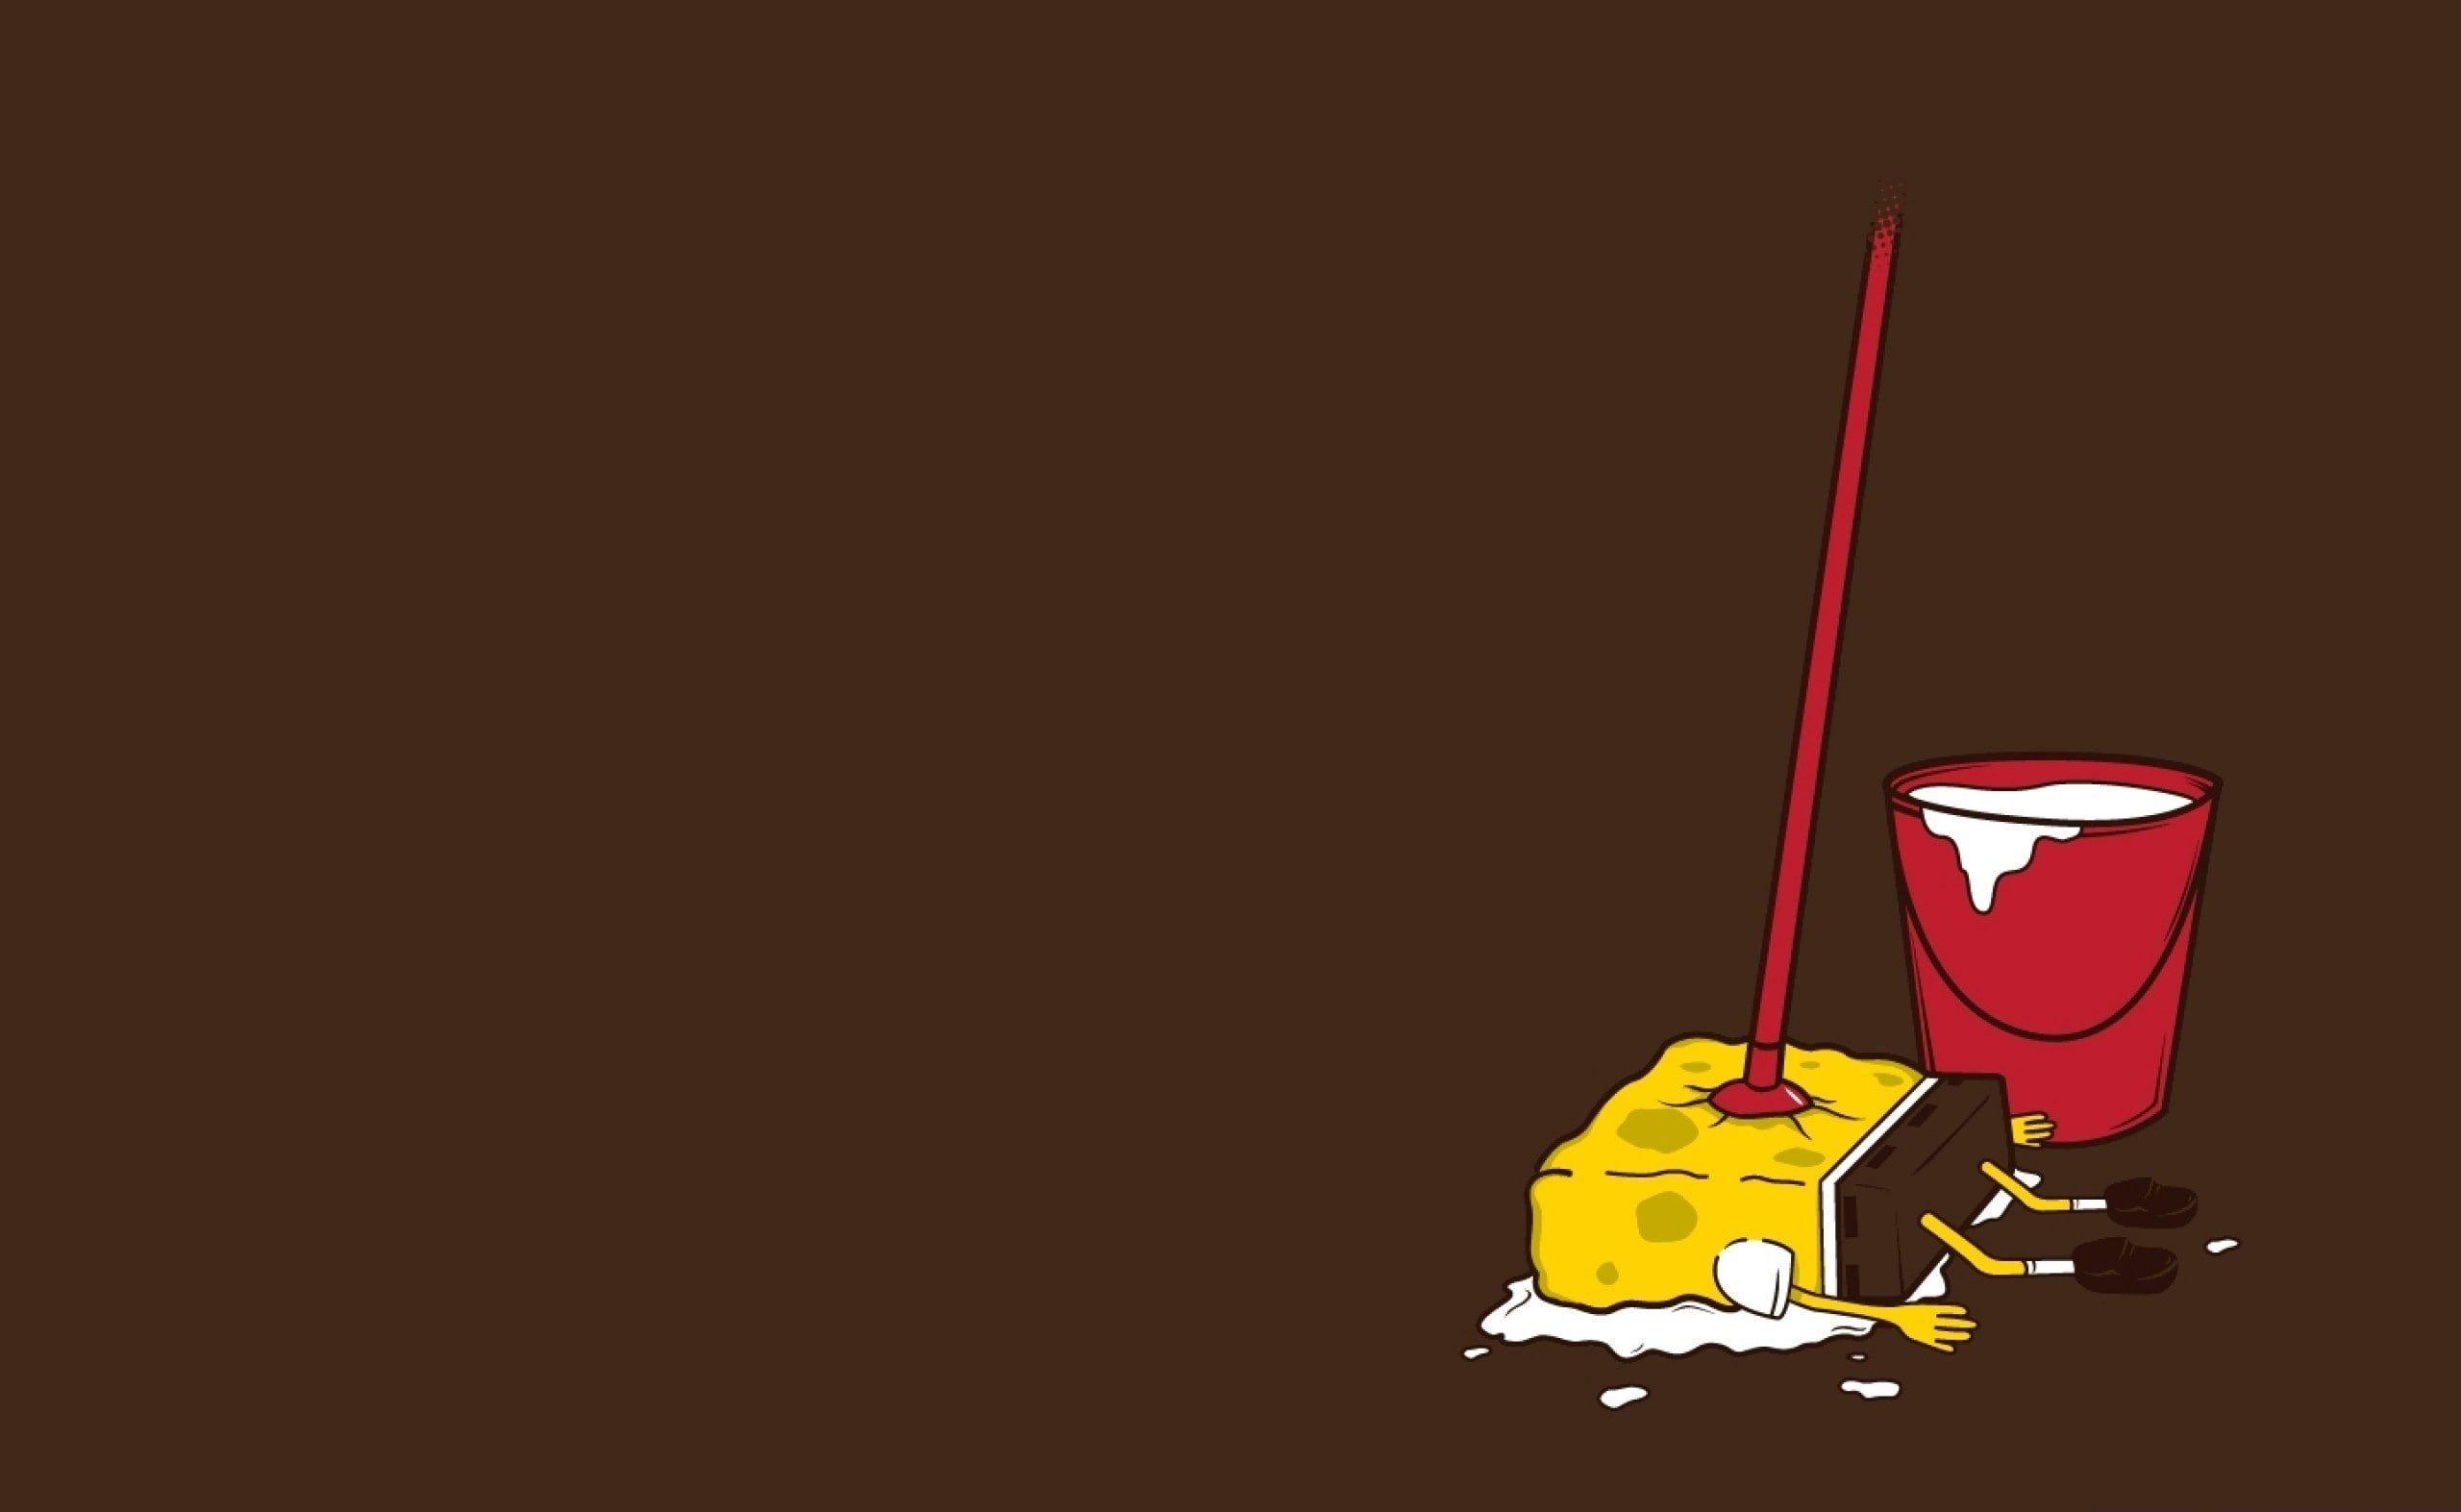 Wallpaper Funny Spongebob Squarepants Wash Sponge Mop • Wallpaper For You HD Wallpaper For Desktop & Mobile